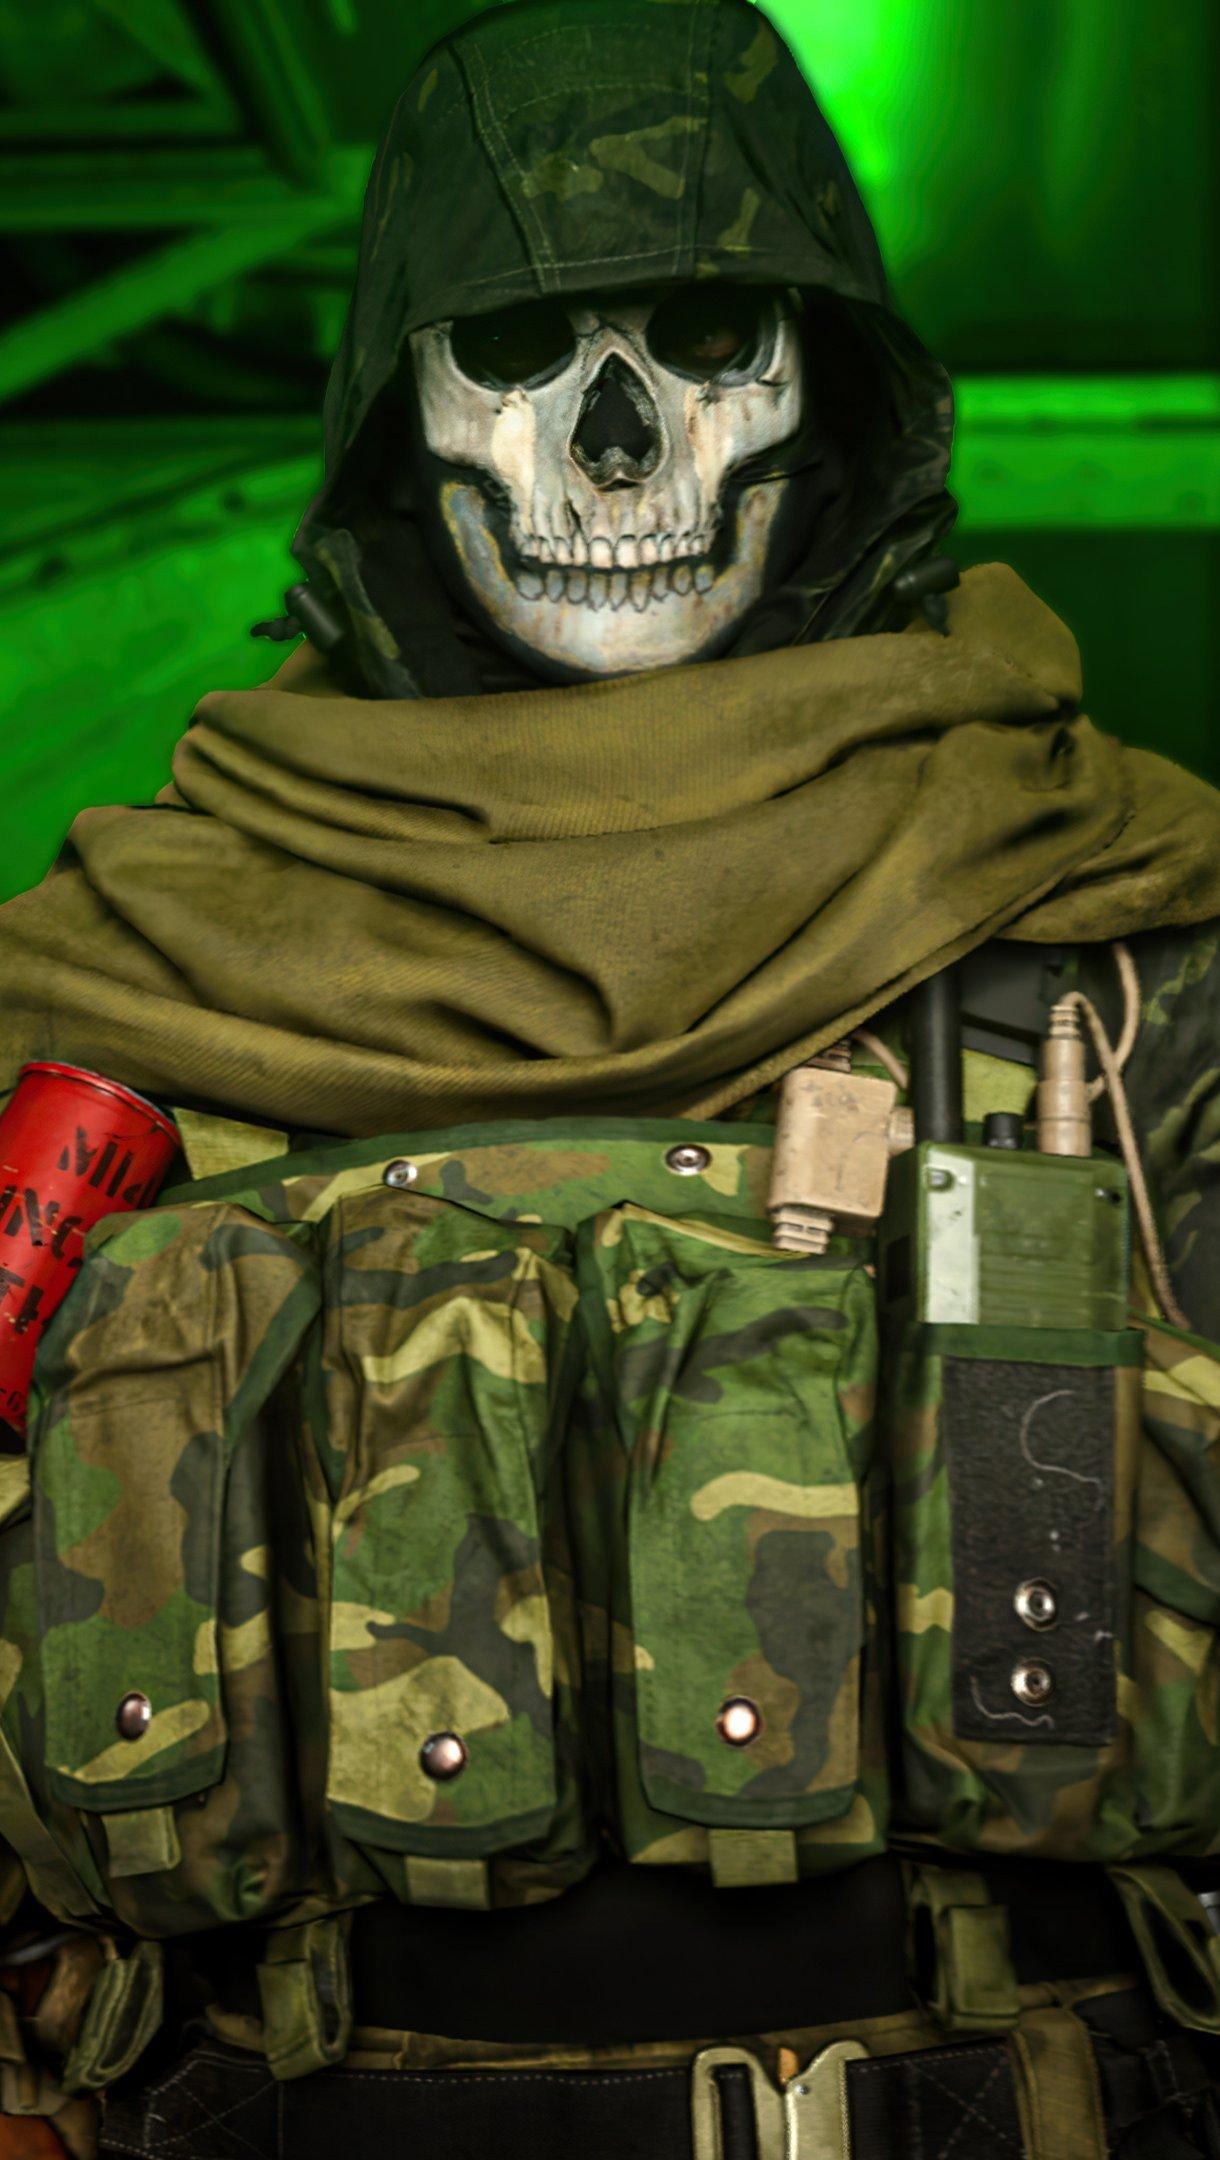 Fondos de pantalla Call of Duty Warzone Vertical